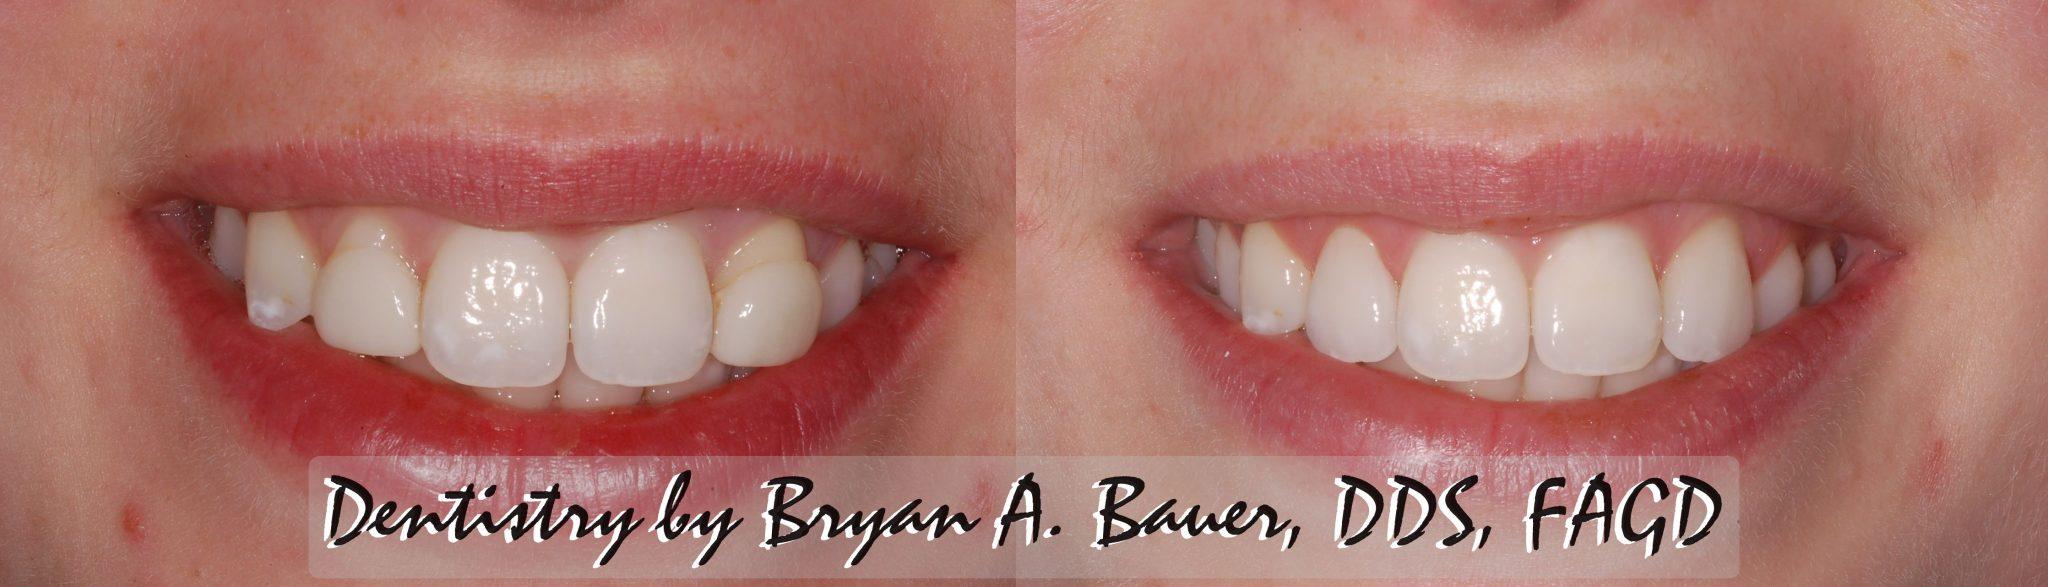 Replacement of dental veneers